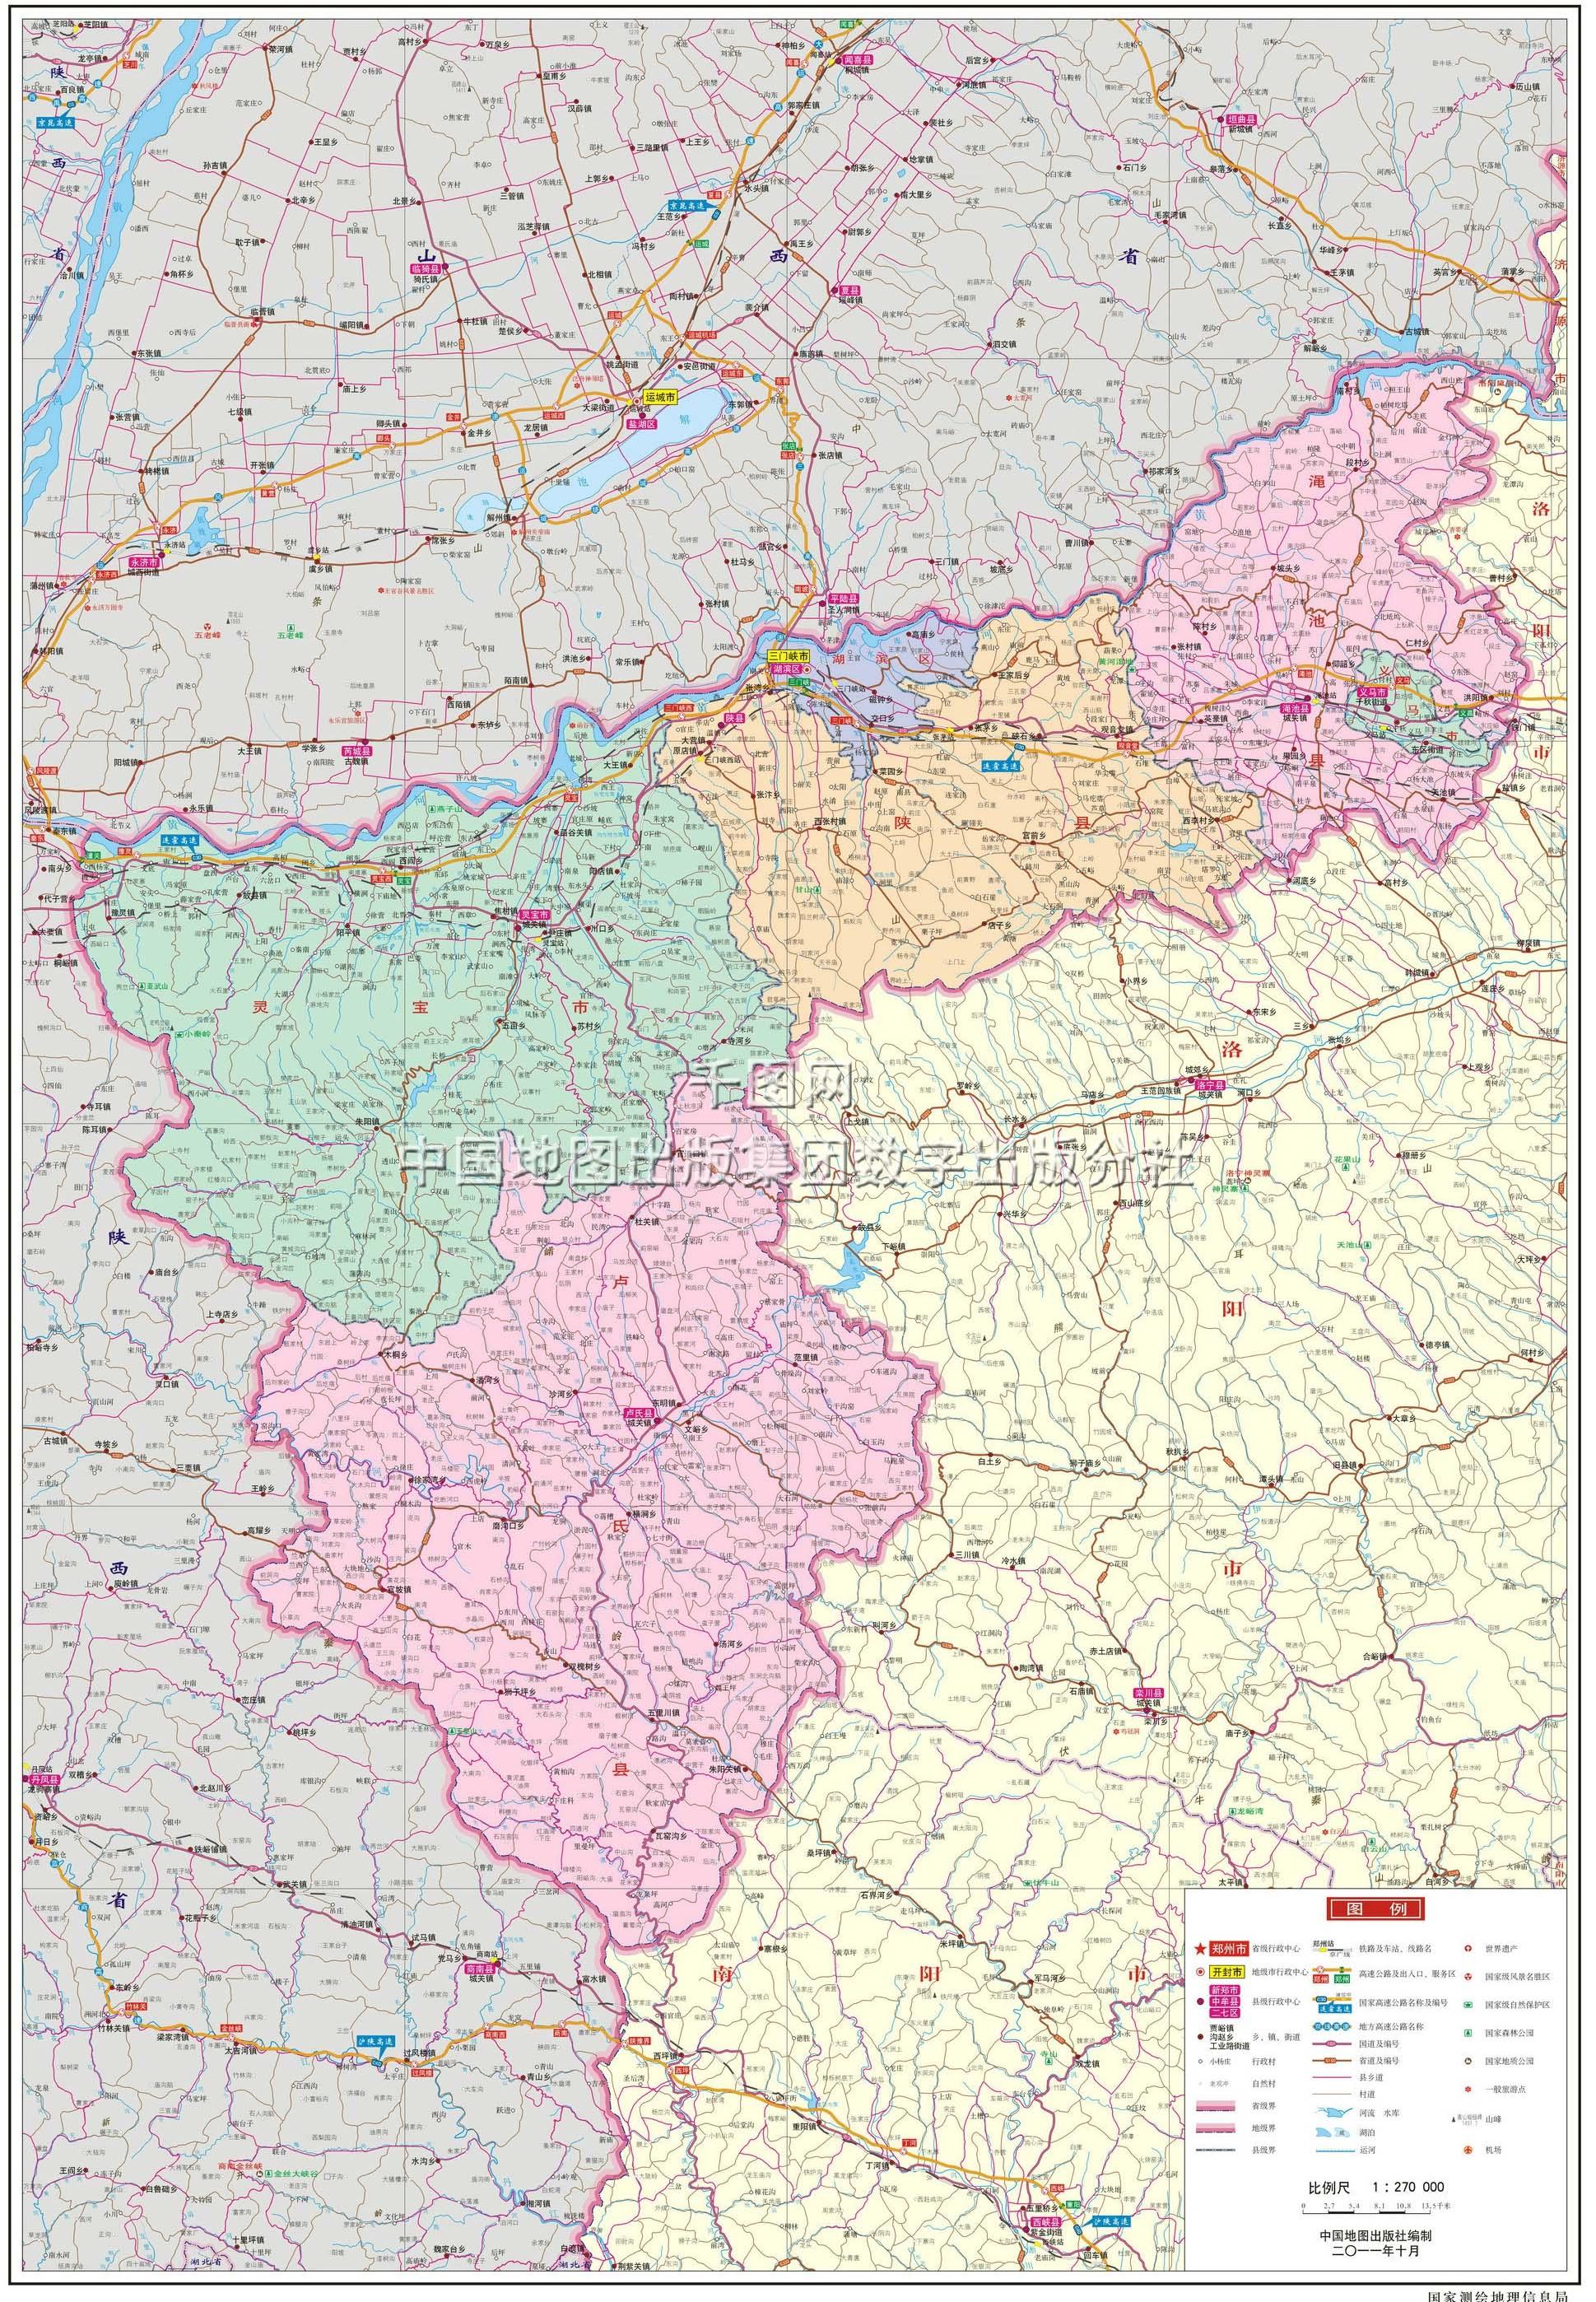 三门峡卢氏县地图_三门峡市地图高清版_三门峡地图库